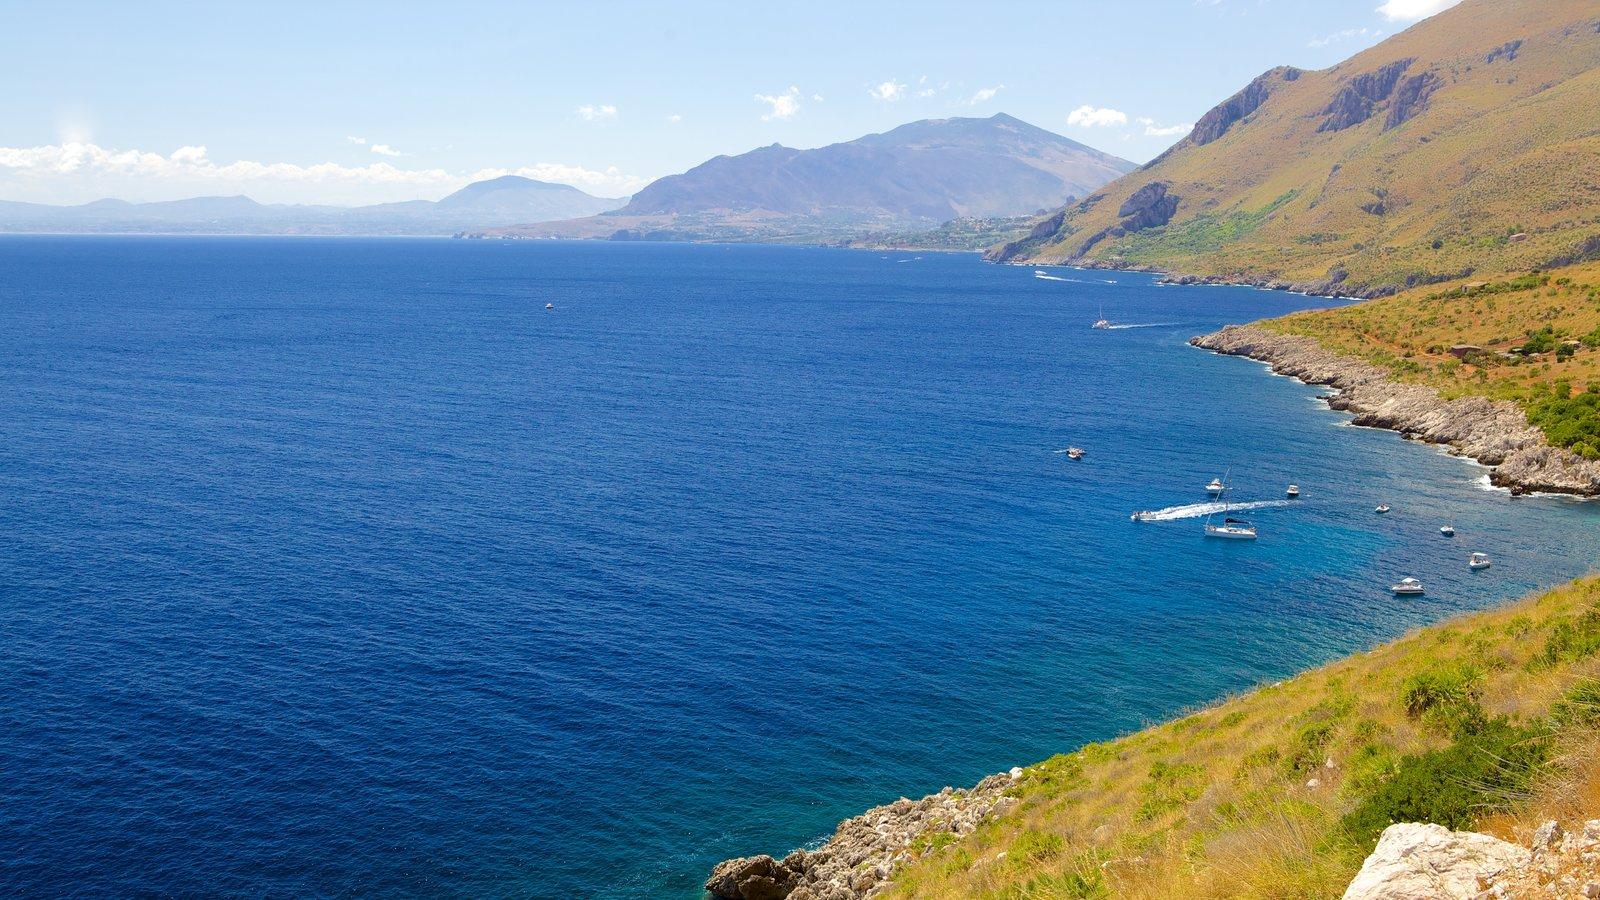 Praia do Zingaro caracterizando paisagem, litoral rochoso e paisagens litorâneas